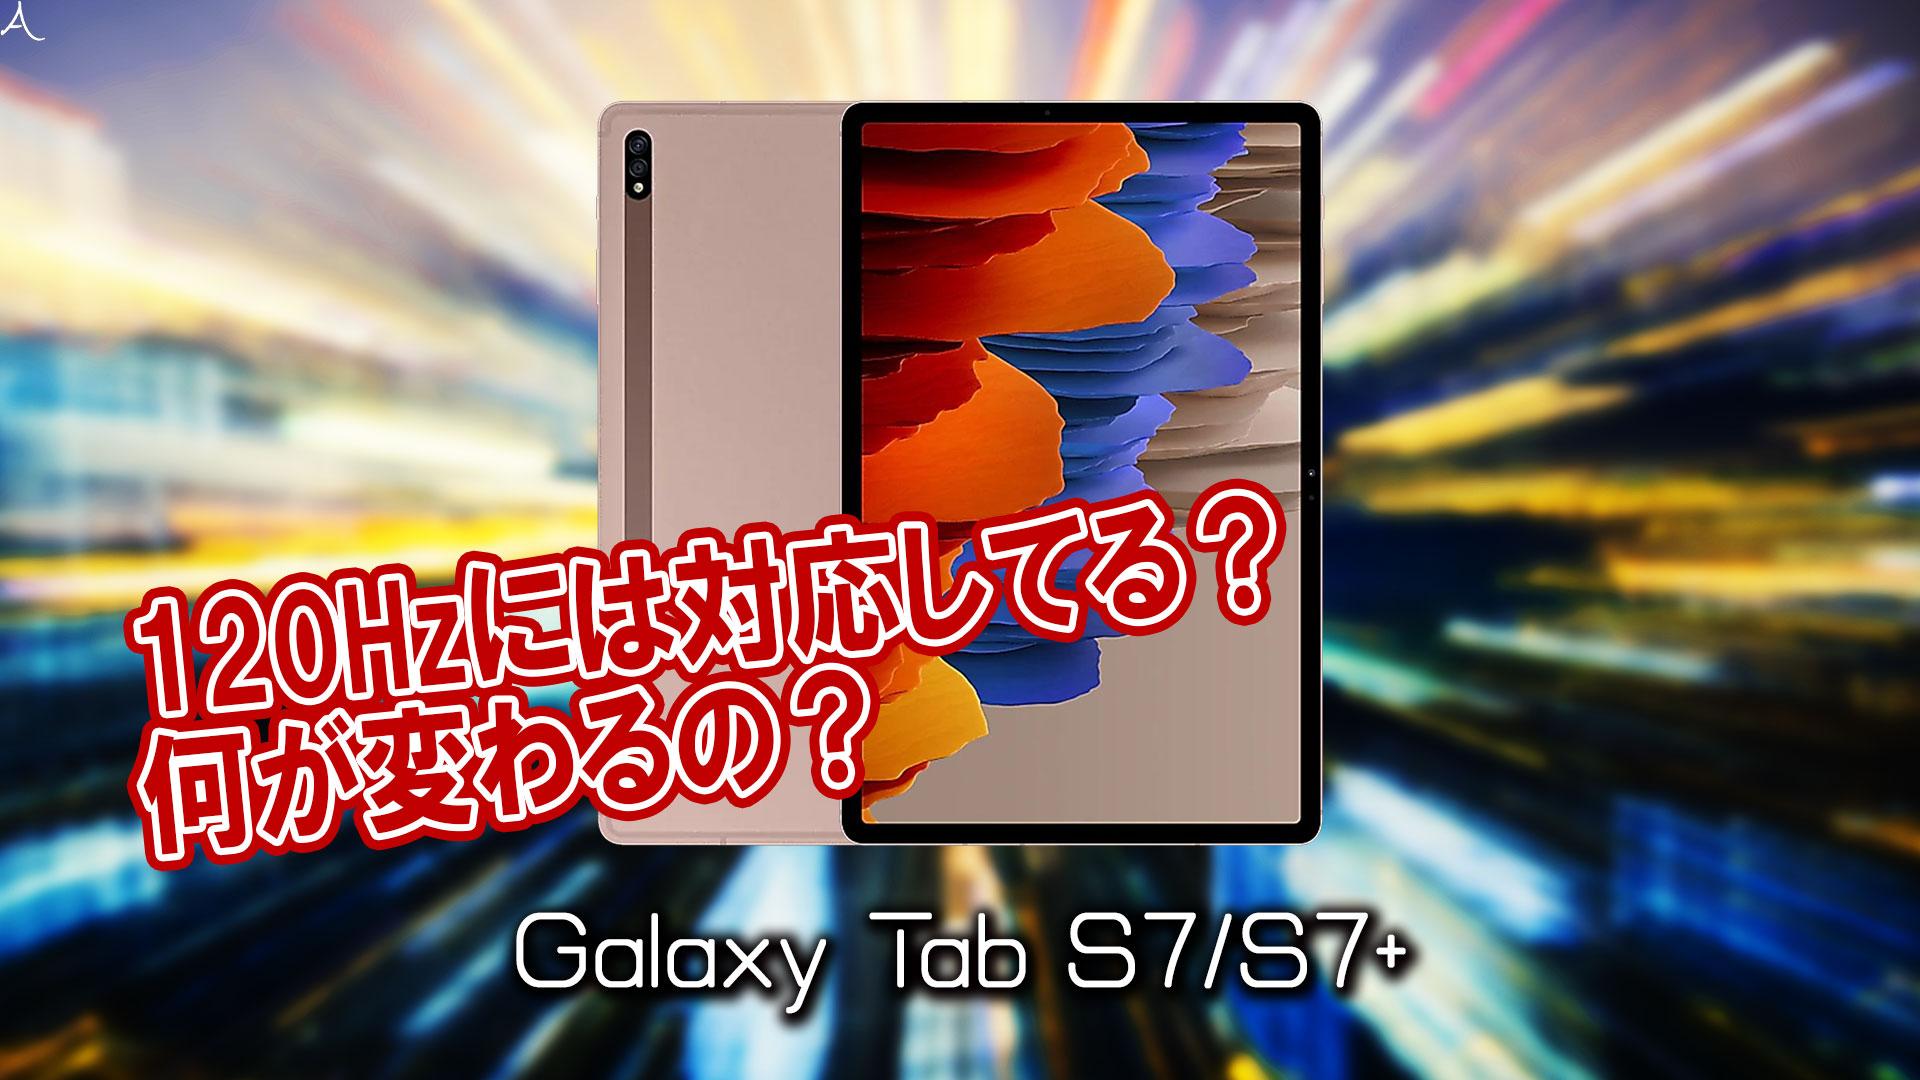 「Galaxy Tab S7/S7+」のリフレッシュレートはいくつ?120Hzには対応してる?